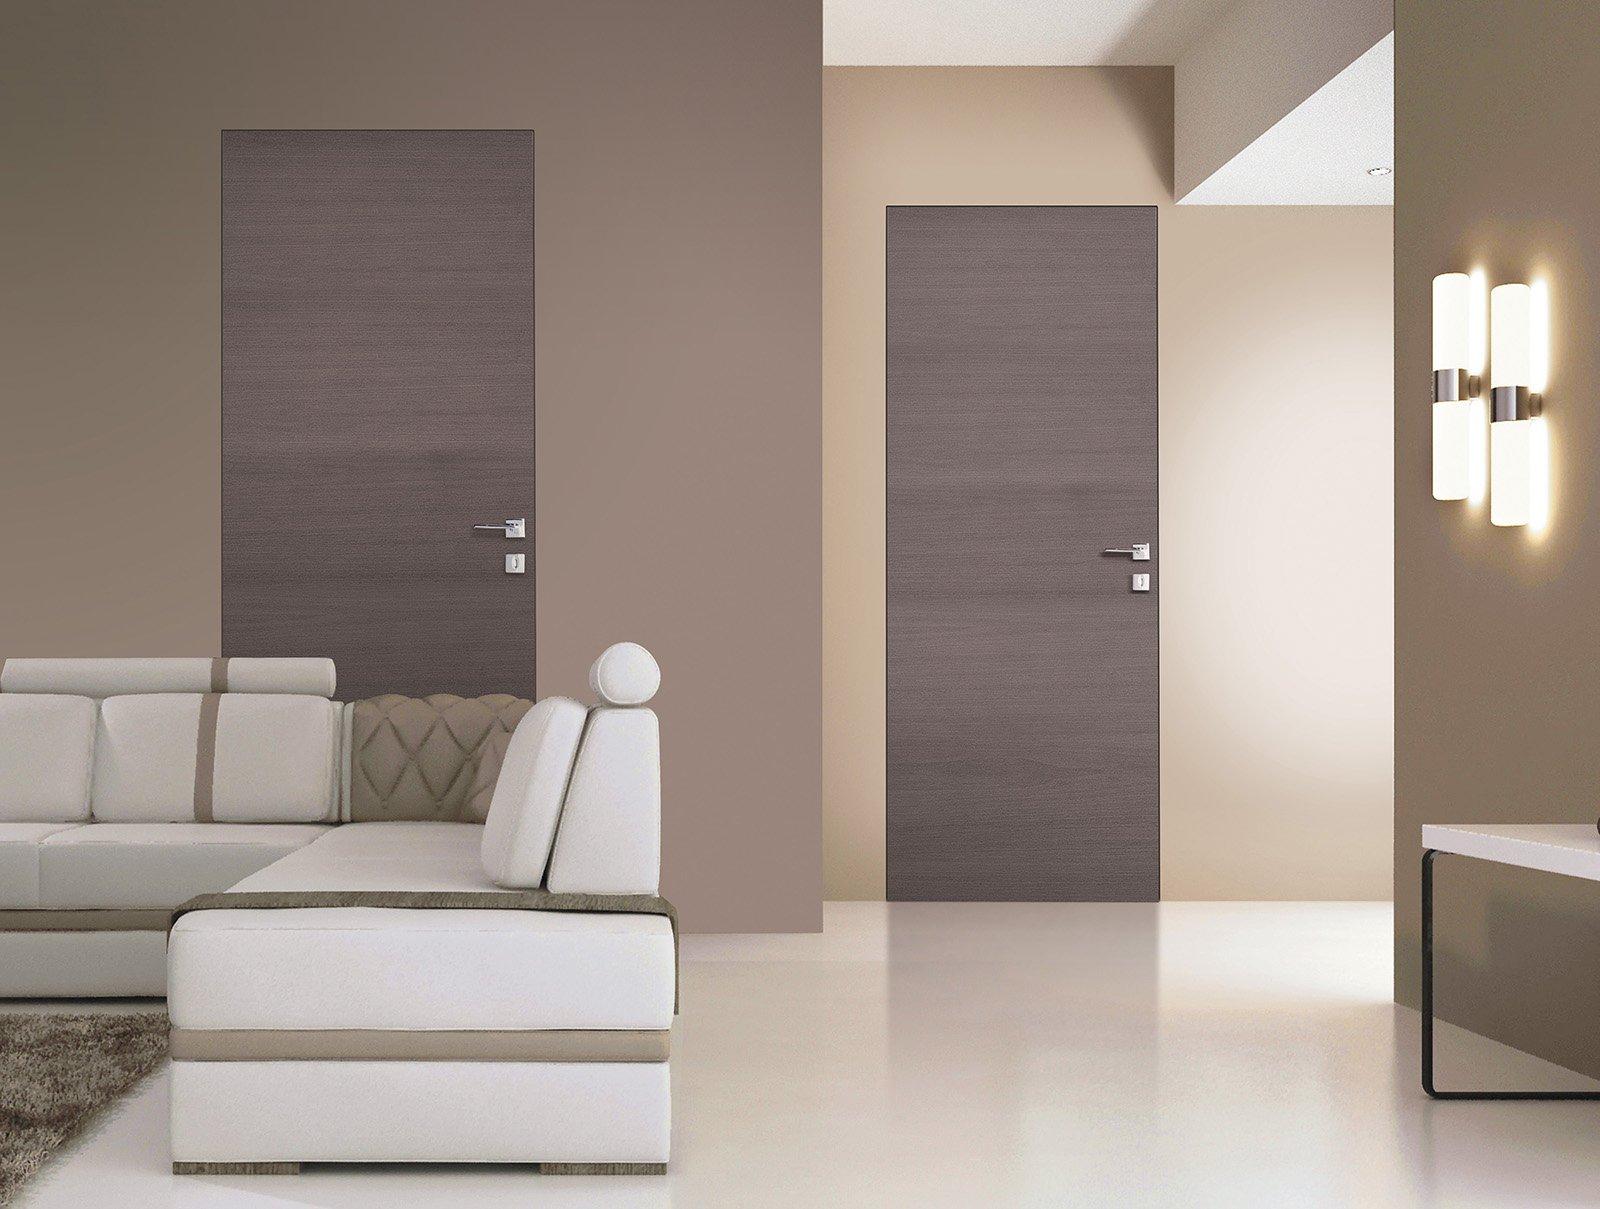 Porte a filo muro: design essenziale o finitura décor - Cose ...